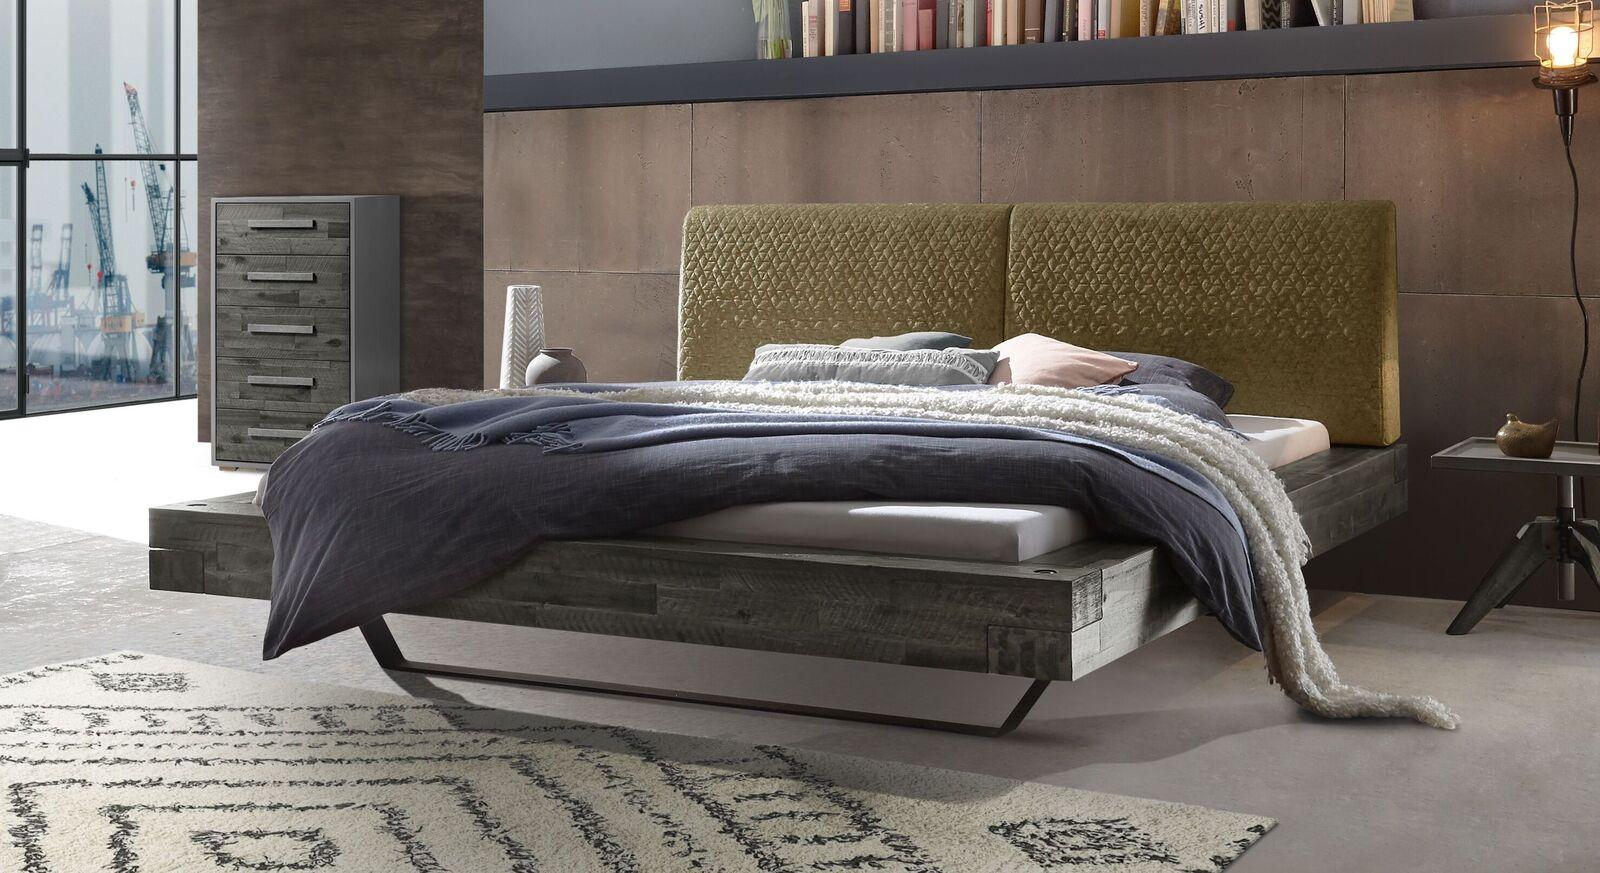 Bett Velario mit grauem Rahmen und khakifarbenem Kopfteil